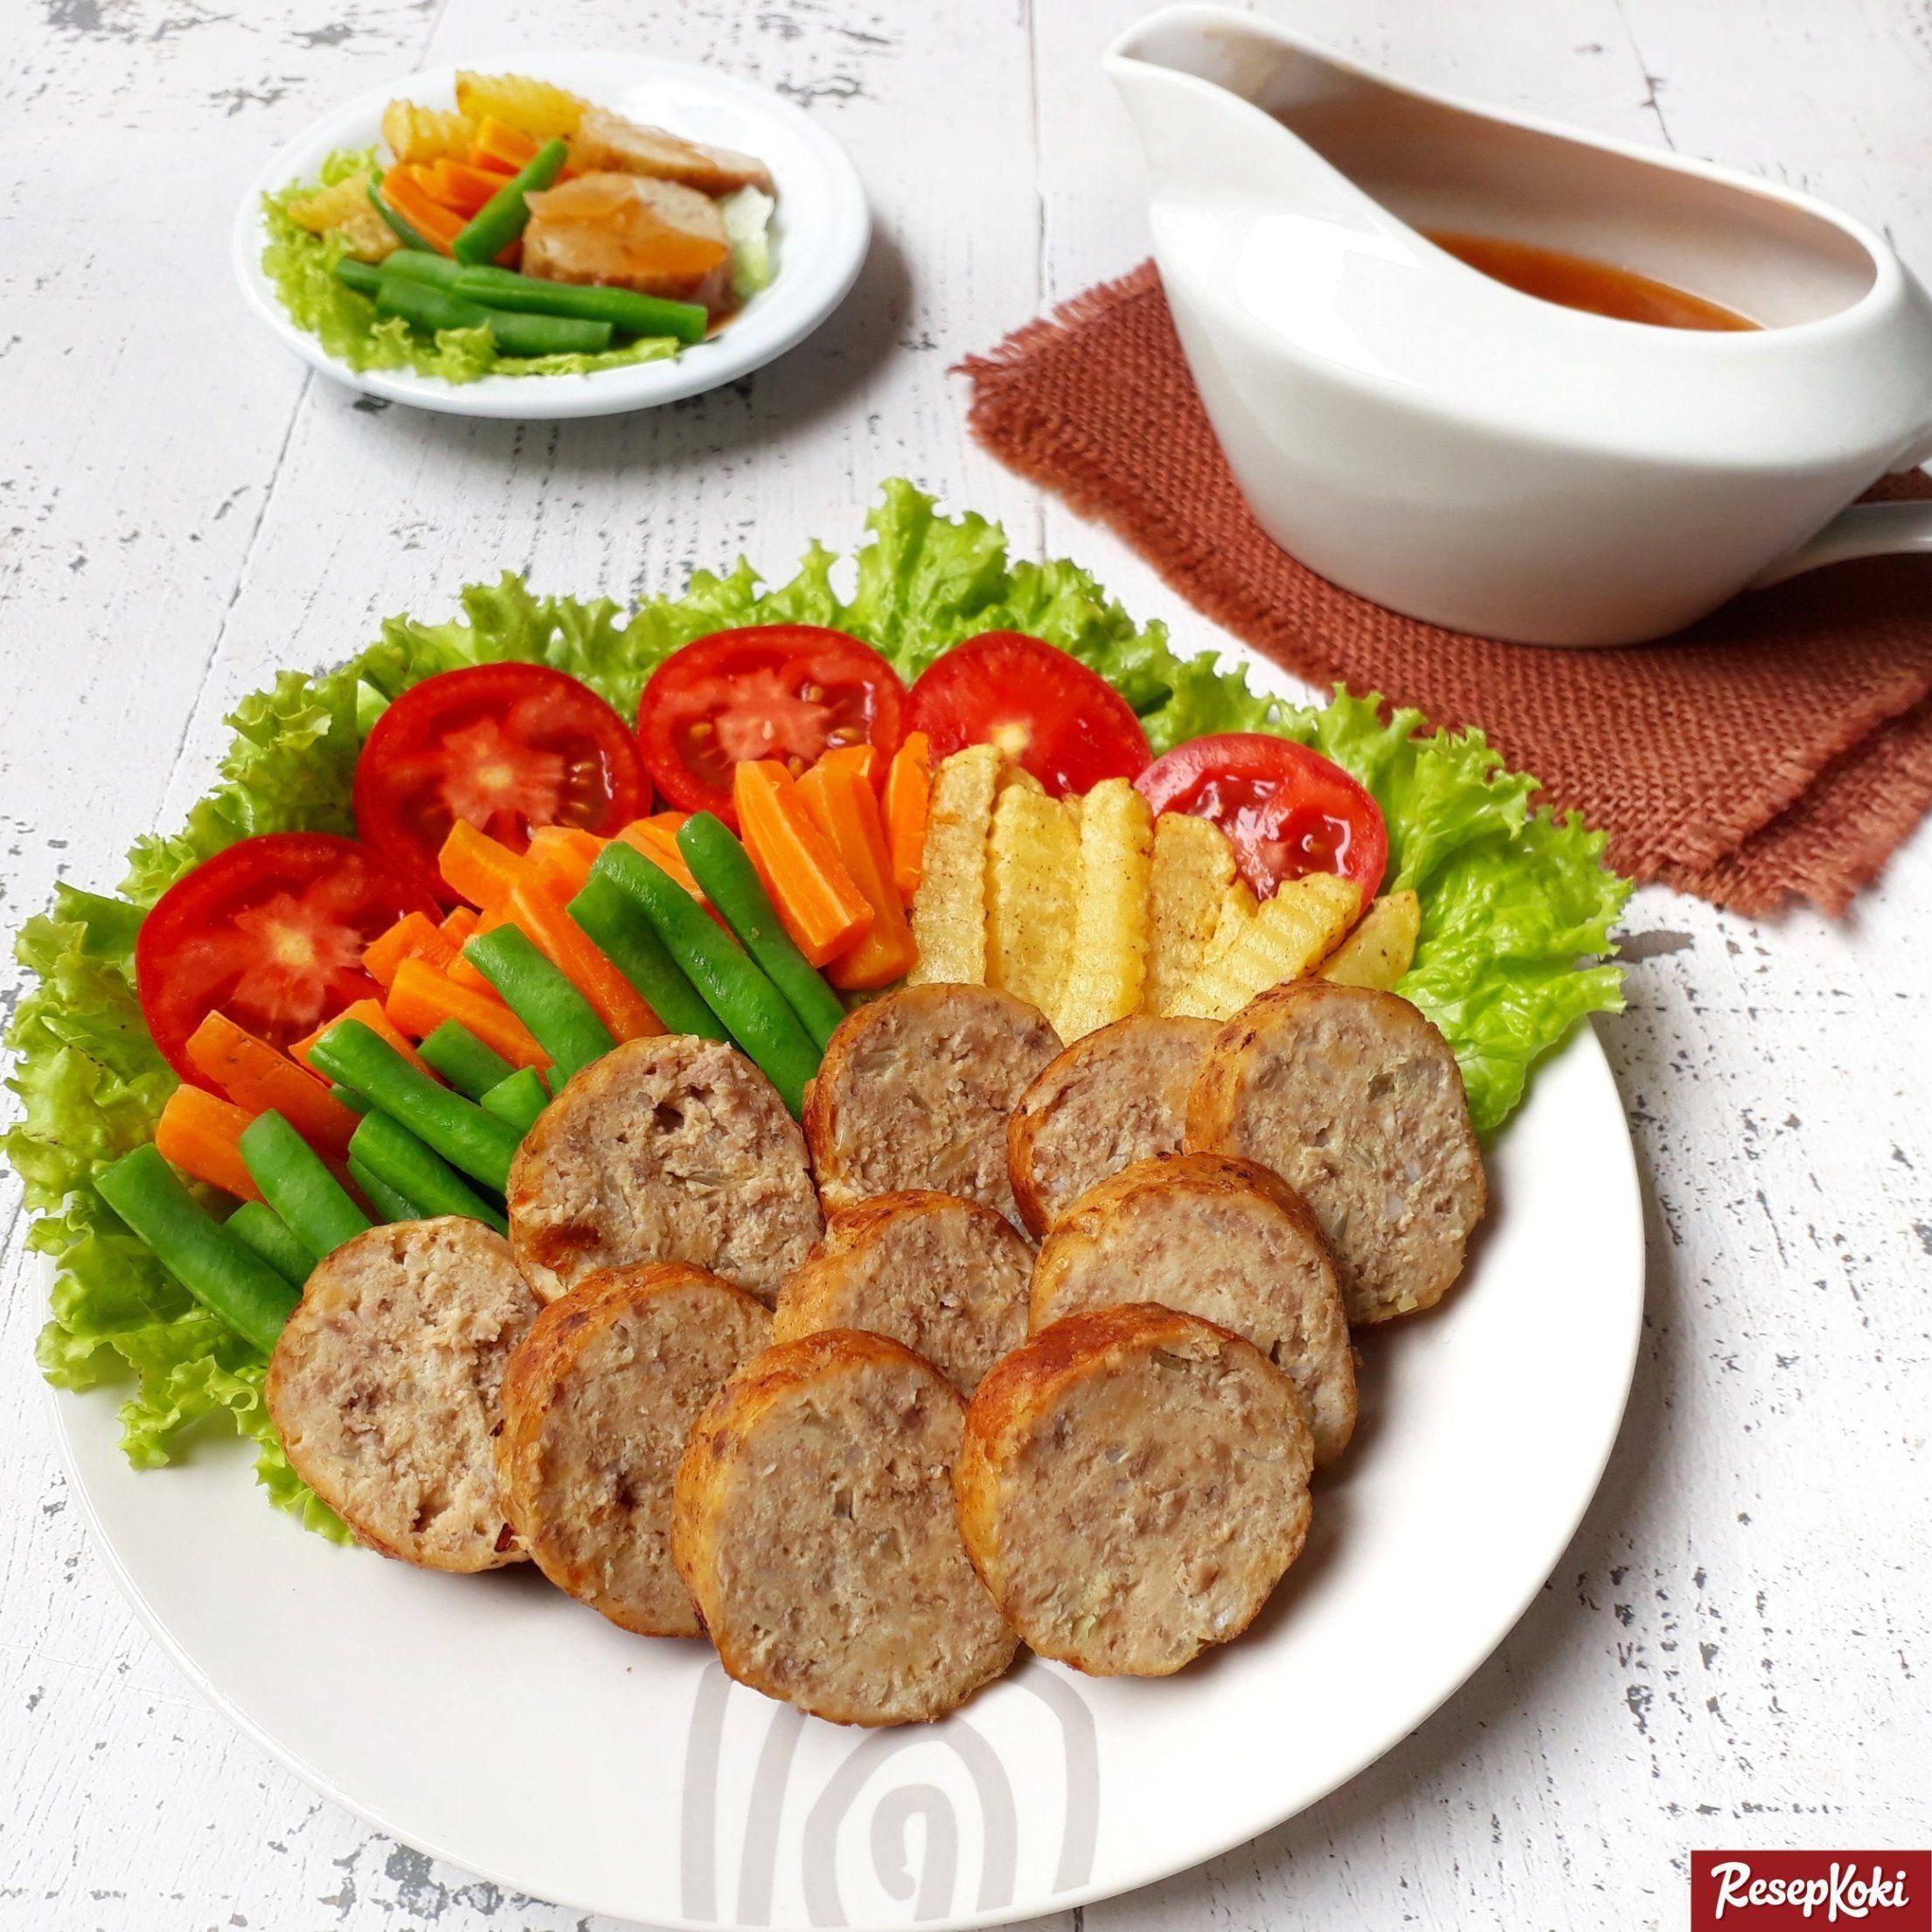 Galantin Daging Sapi Lengkap Istimewa Lezat Praktis Resep Resepkoki Resep Makanan Daging Sapi Resep Makanan